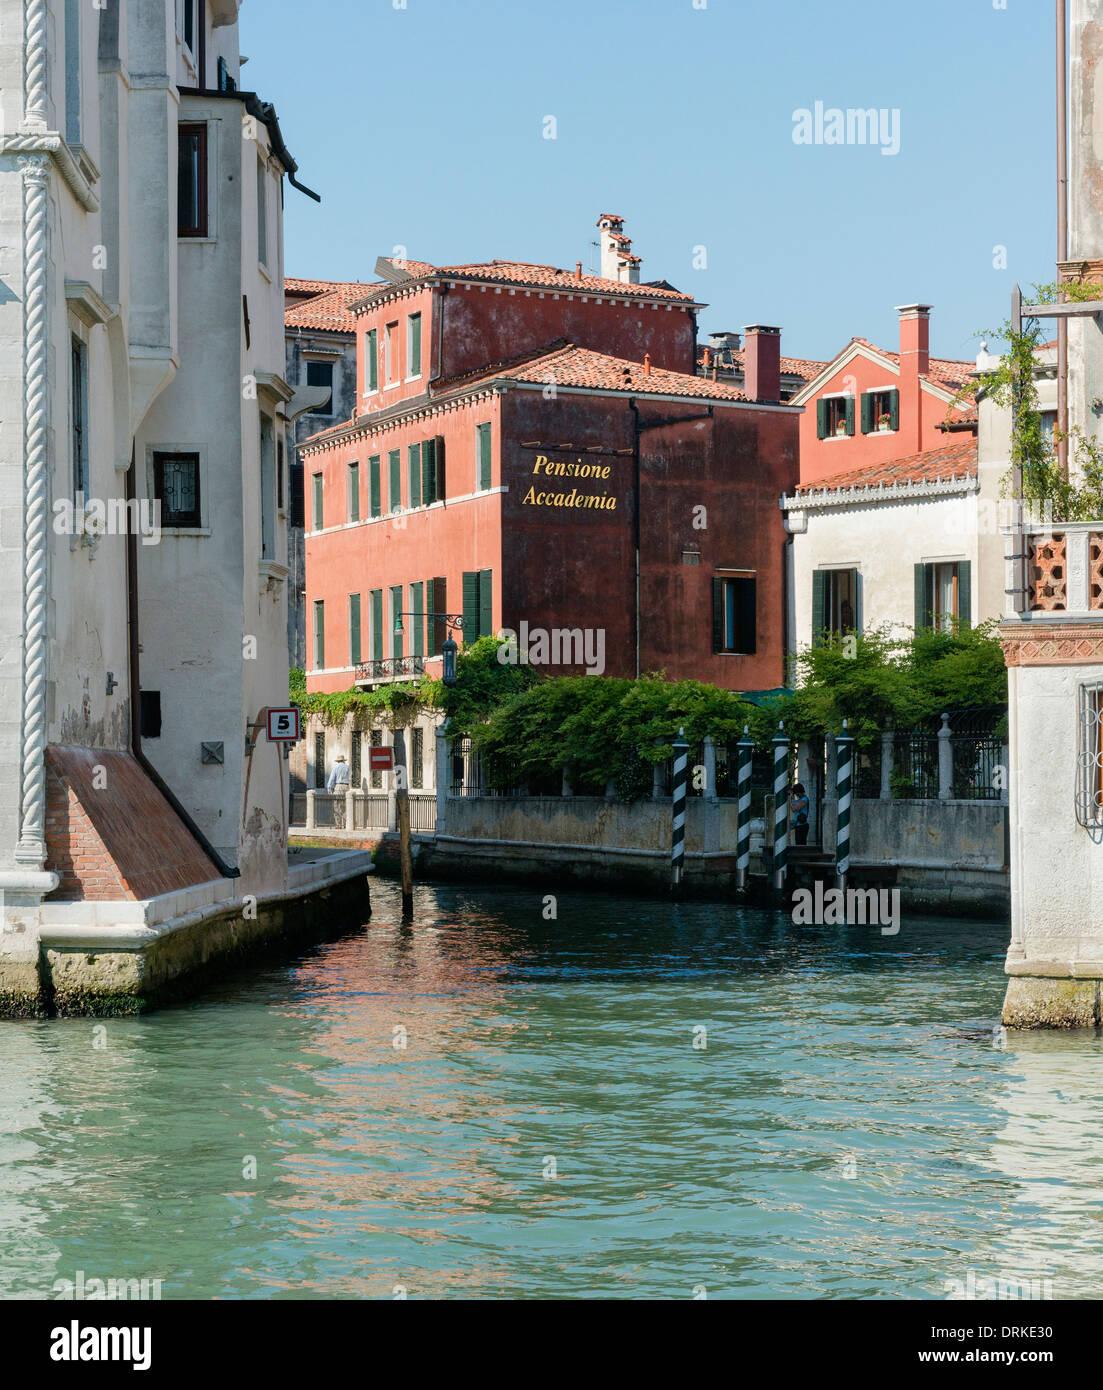 Pensione Accademia in Venice - Stock Image